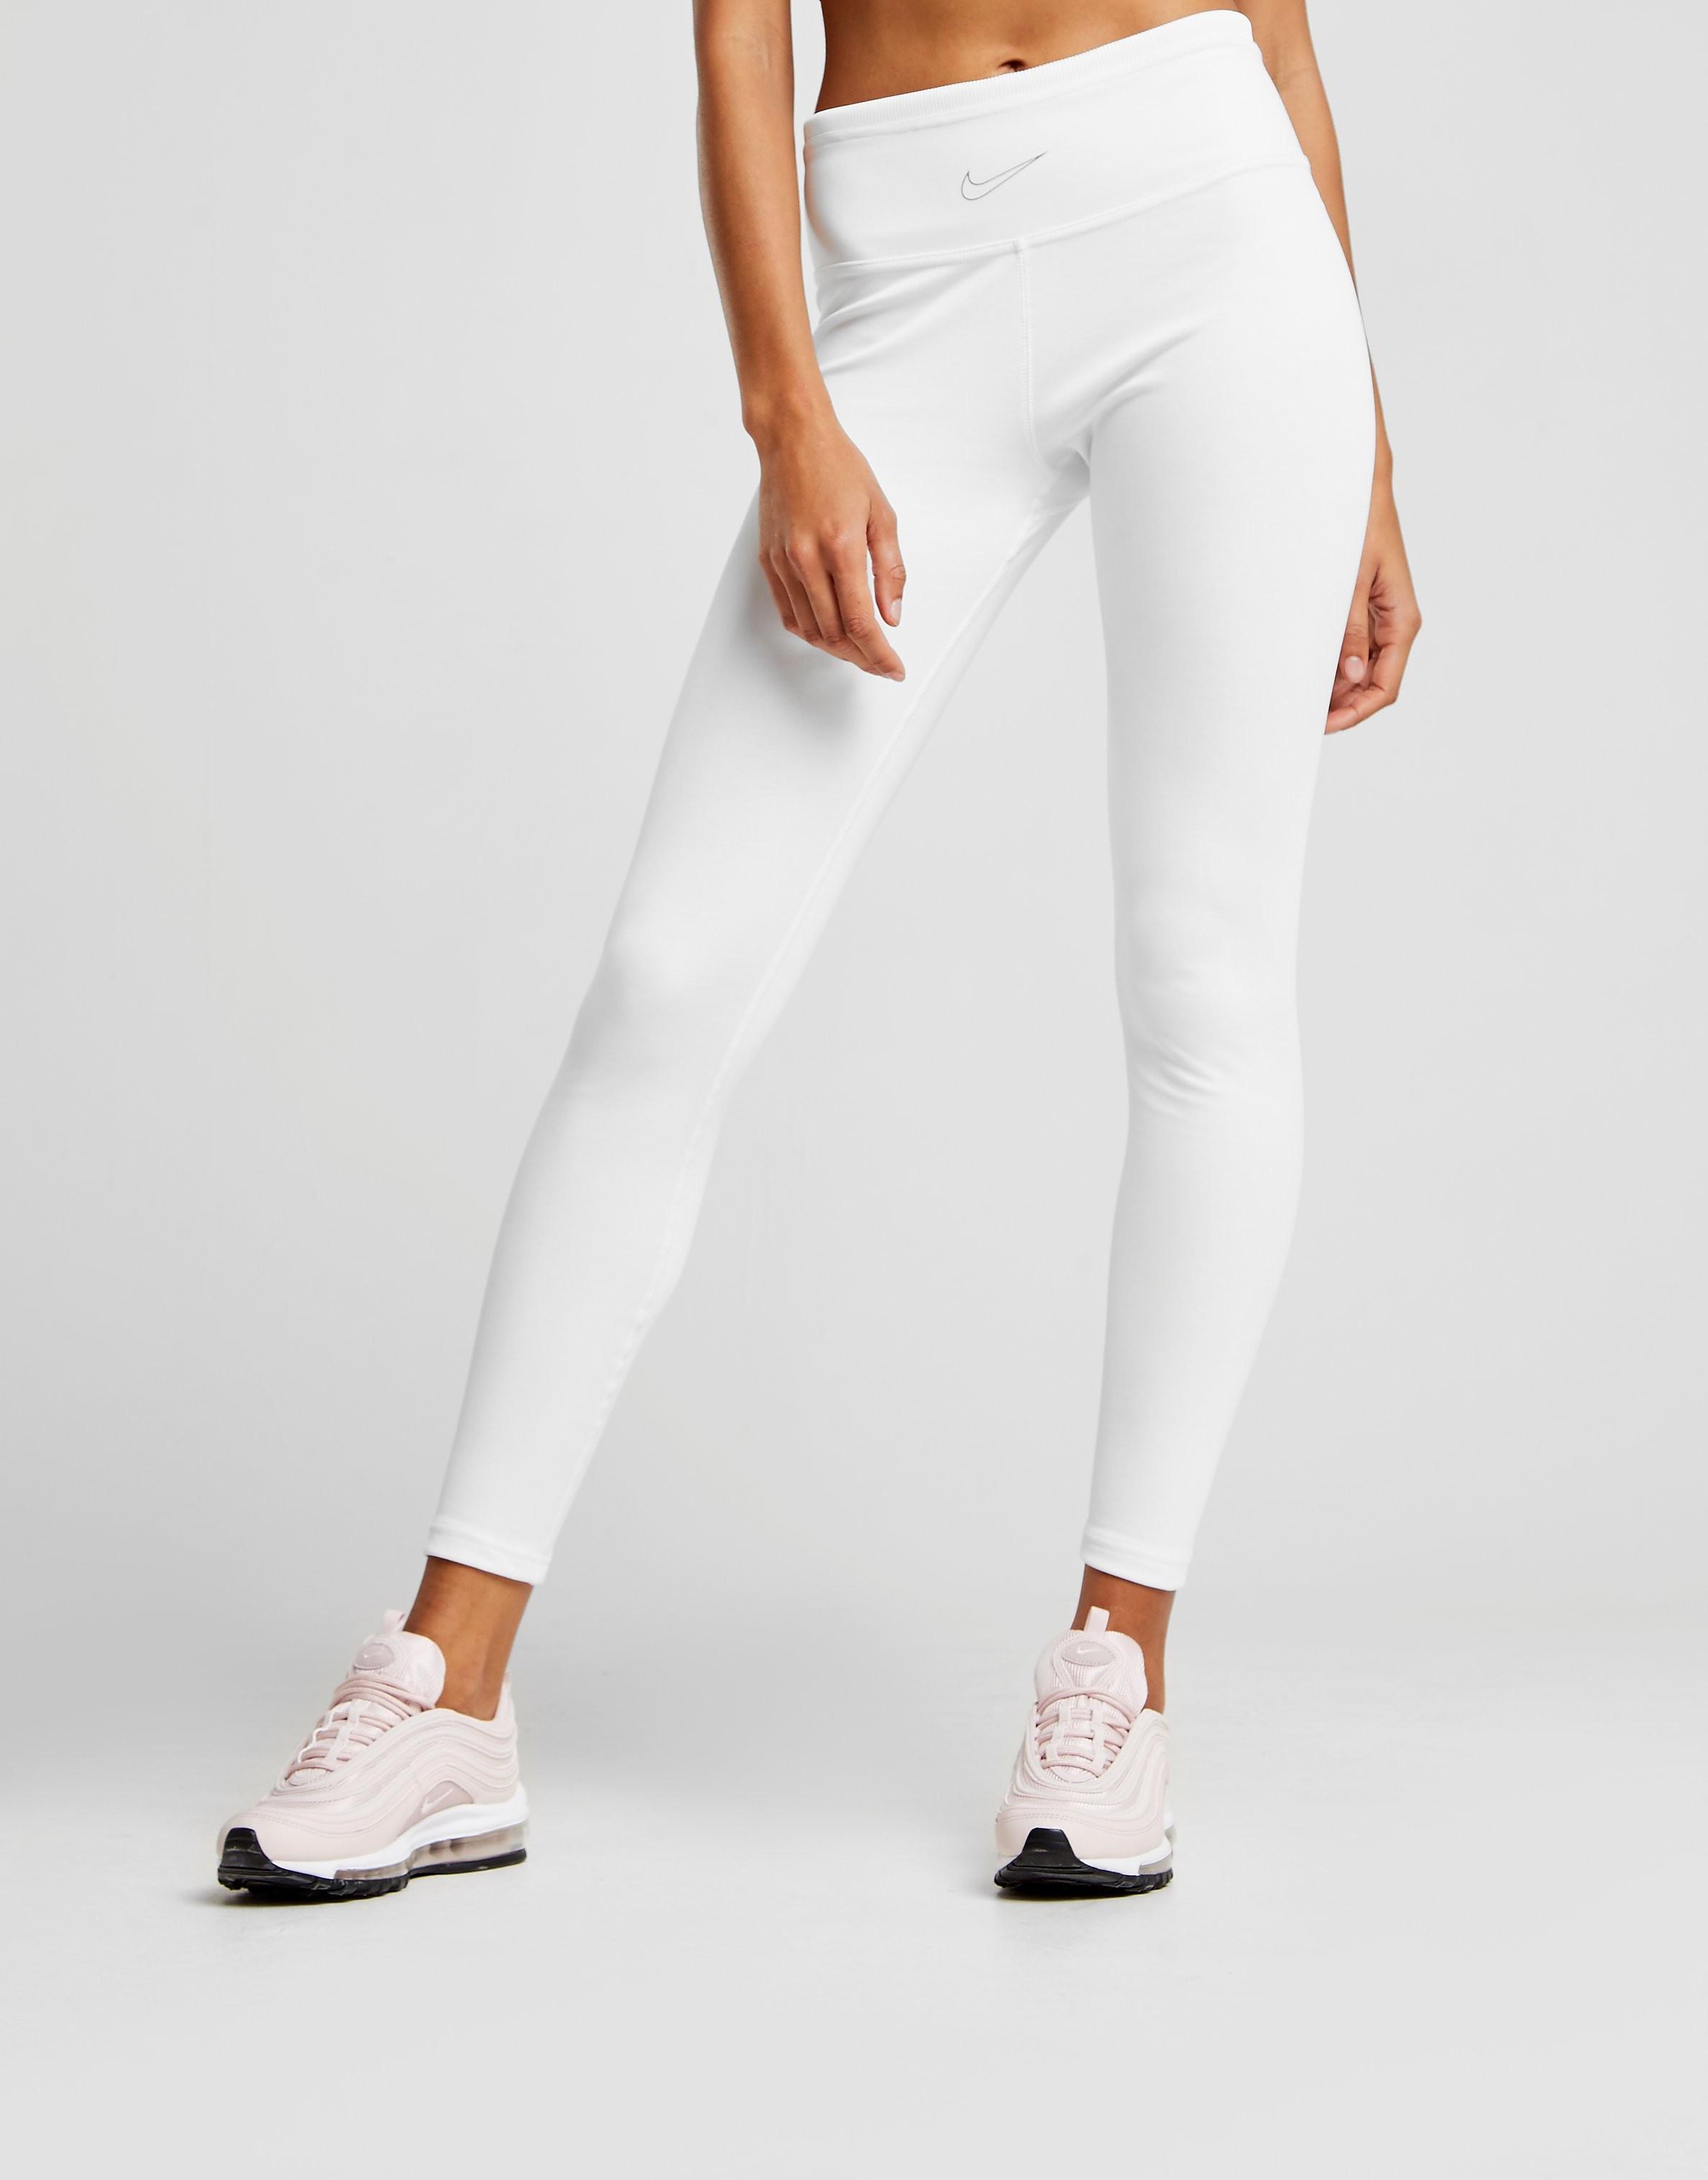 Nike Beautiful x Powerful Leggings